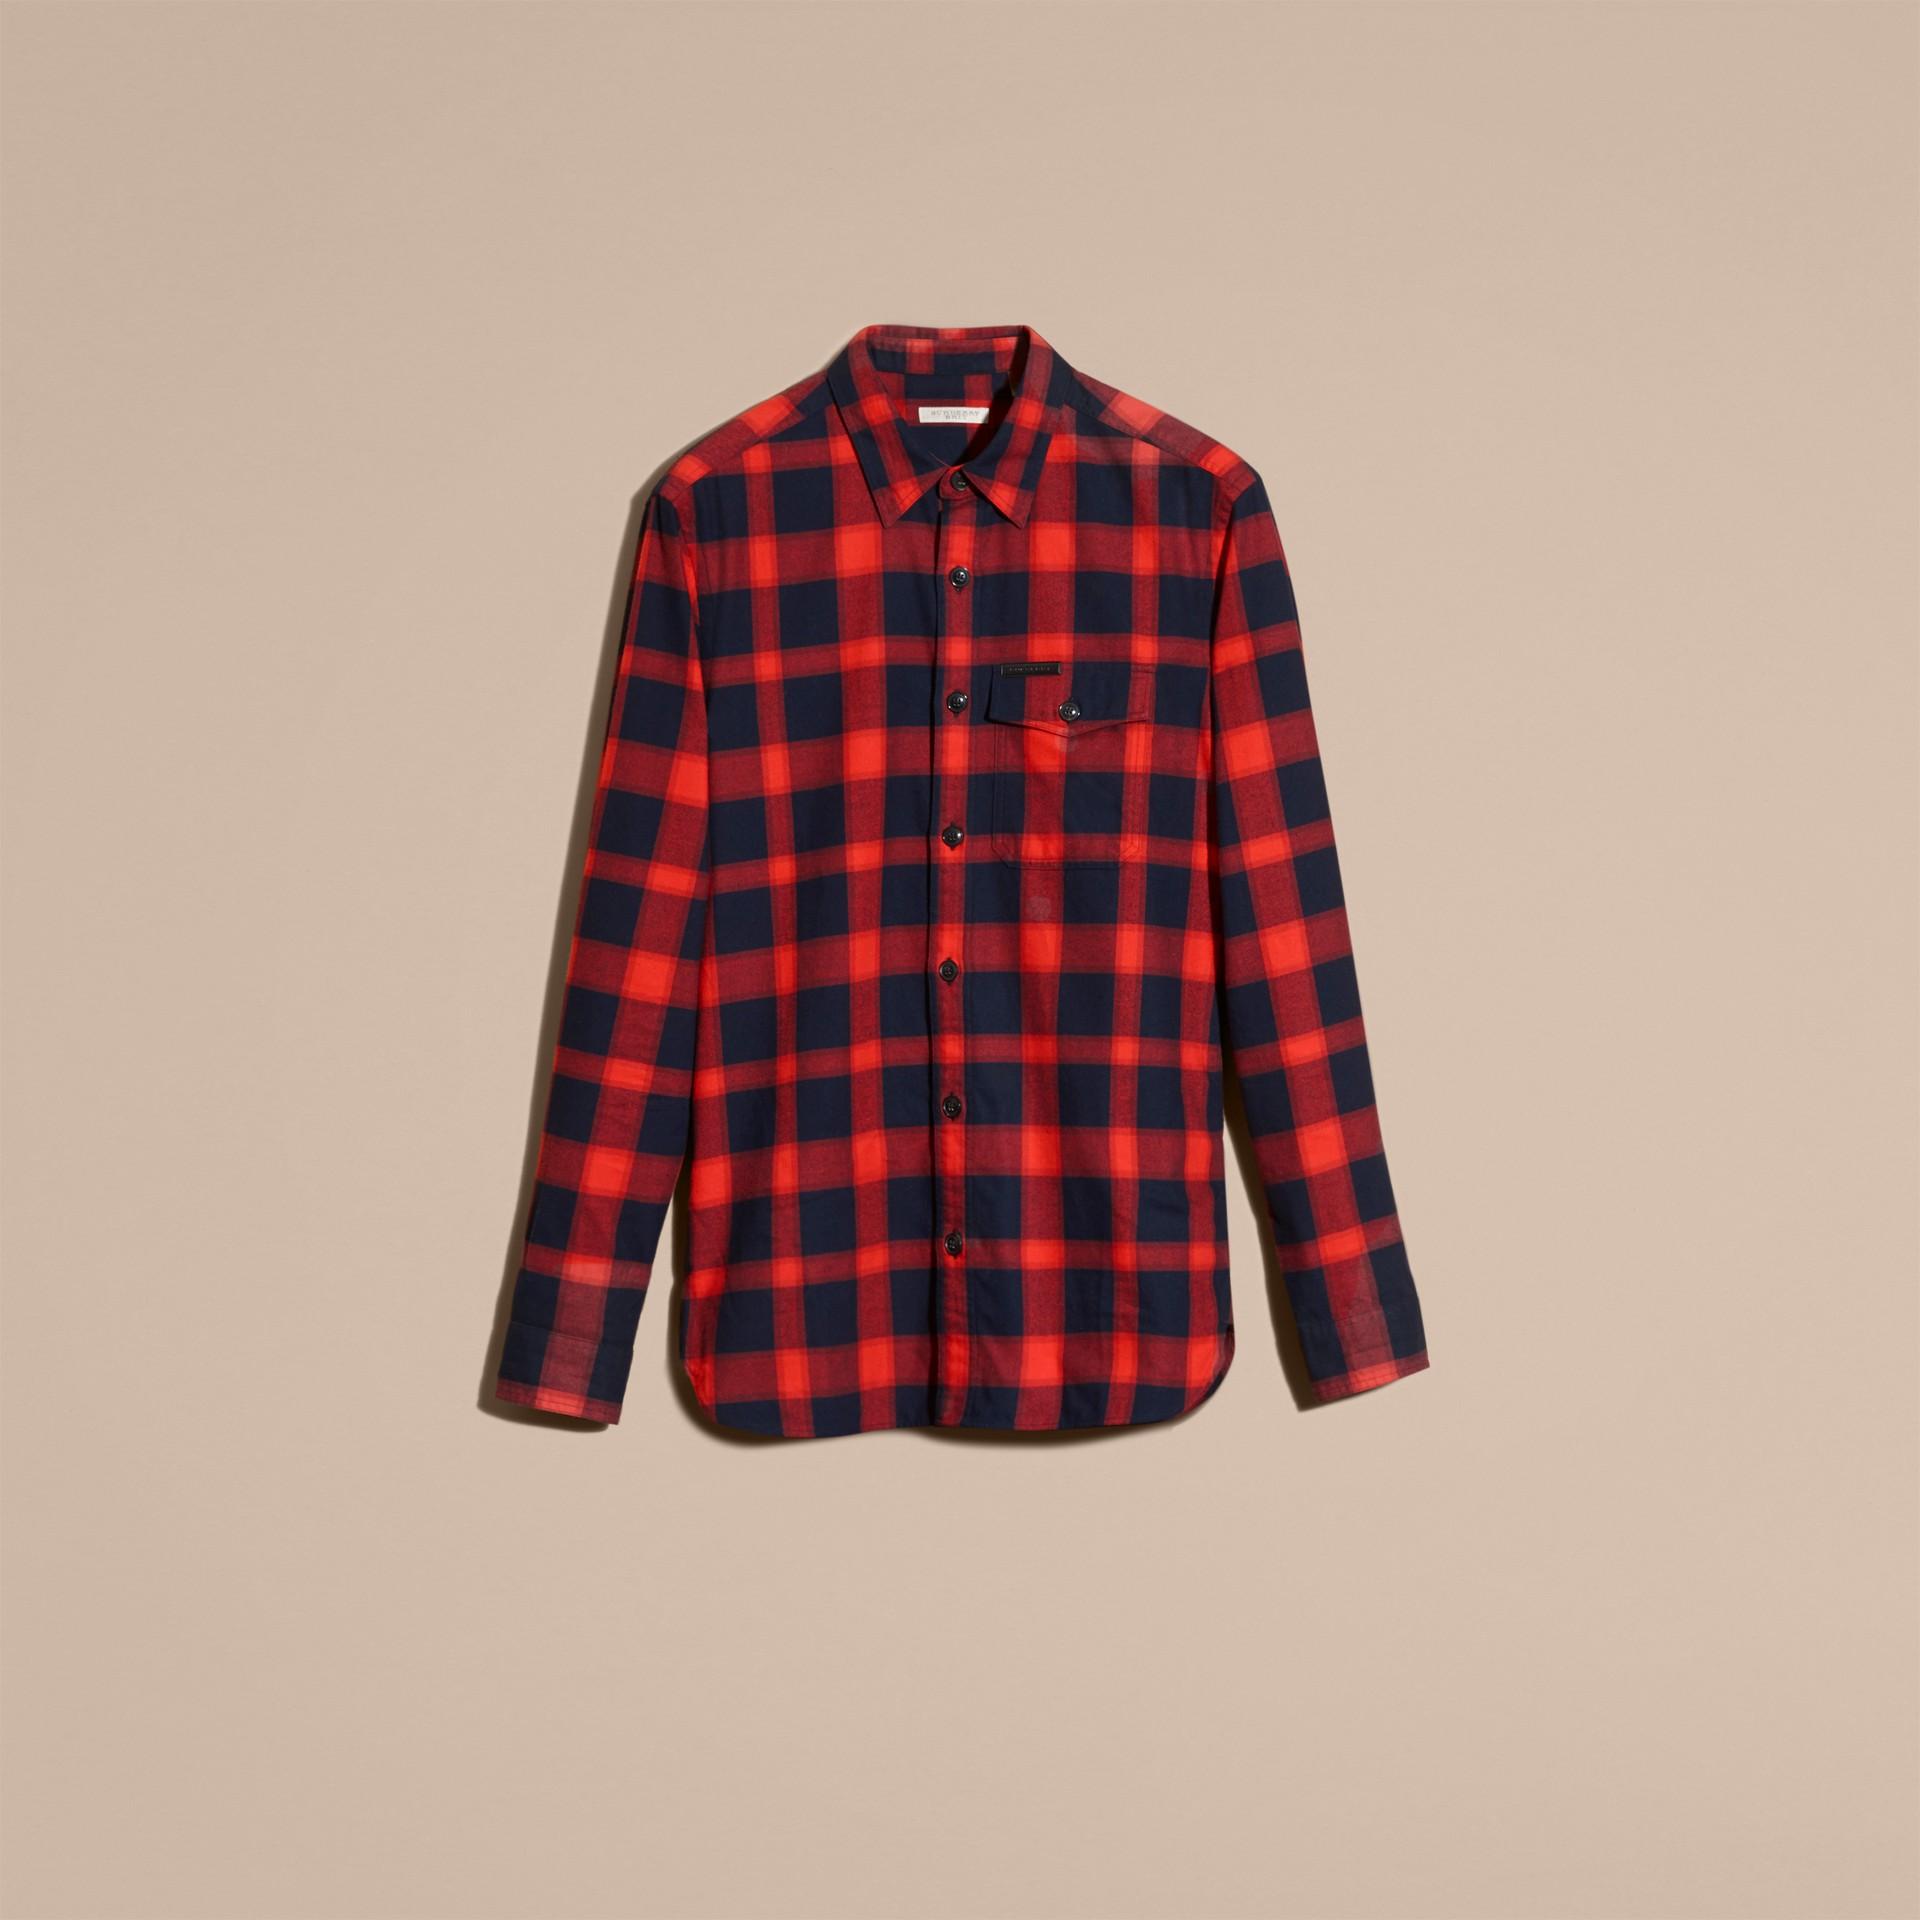 Rosso parata Camicia in flanella di cotone a quadri Rosso Parata - immagine della galleria 4